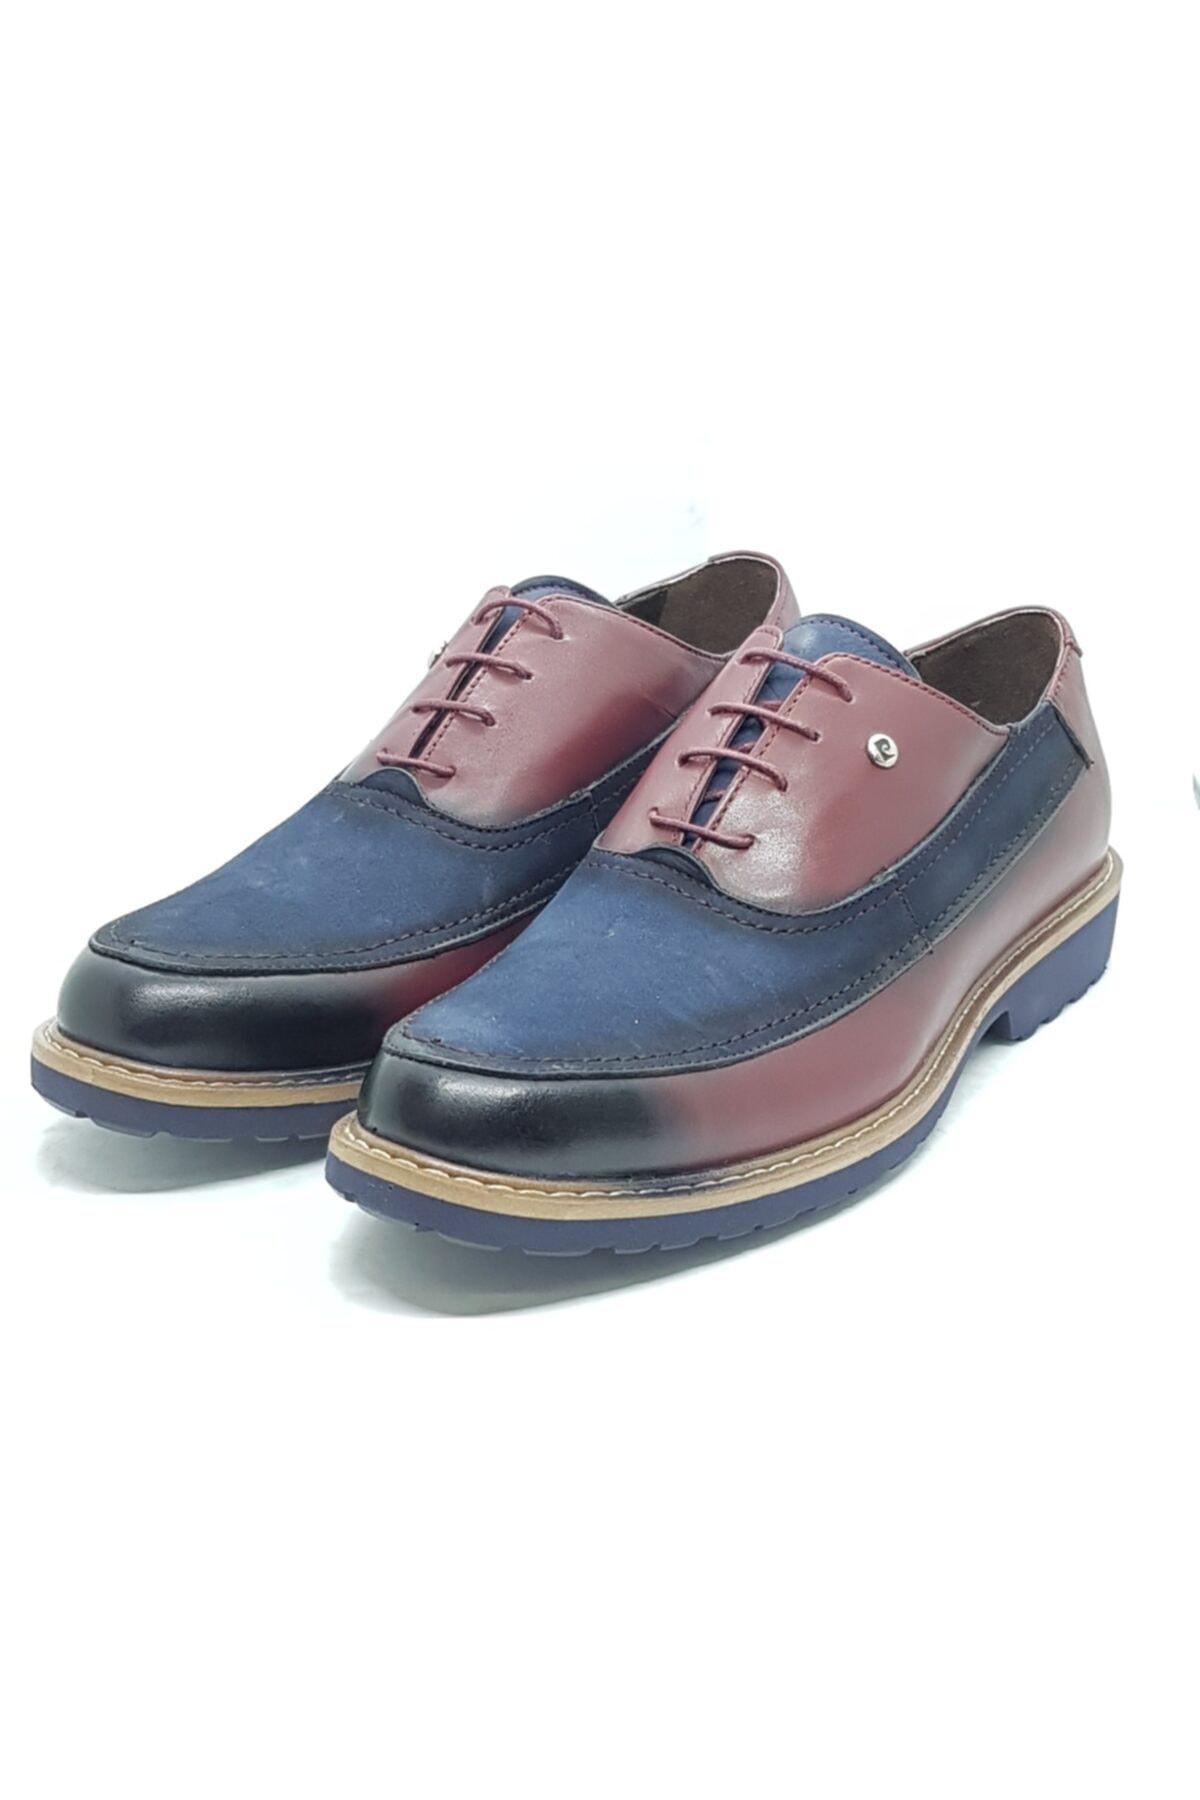 Pierre Cardin Erkek Lacivert Günlük Bağcıklı Ayakkabı 1